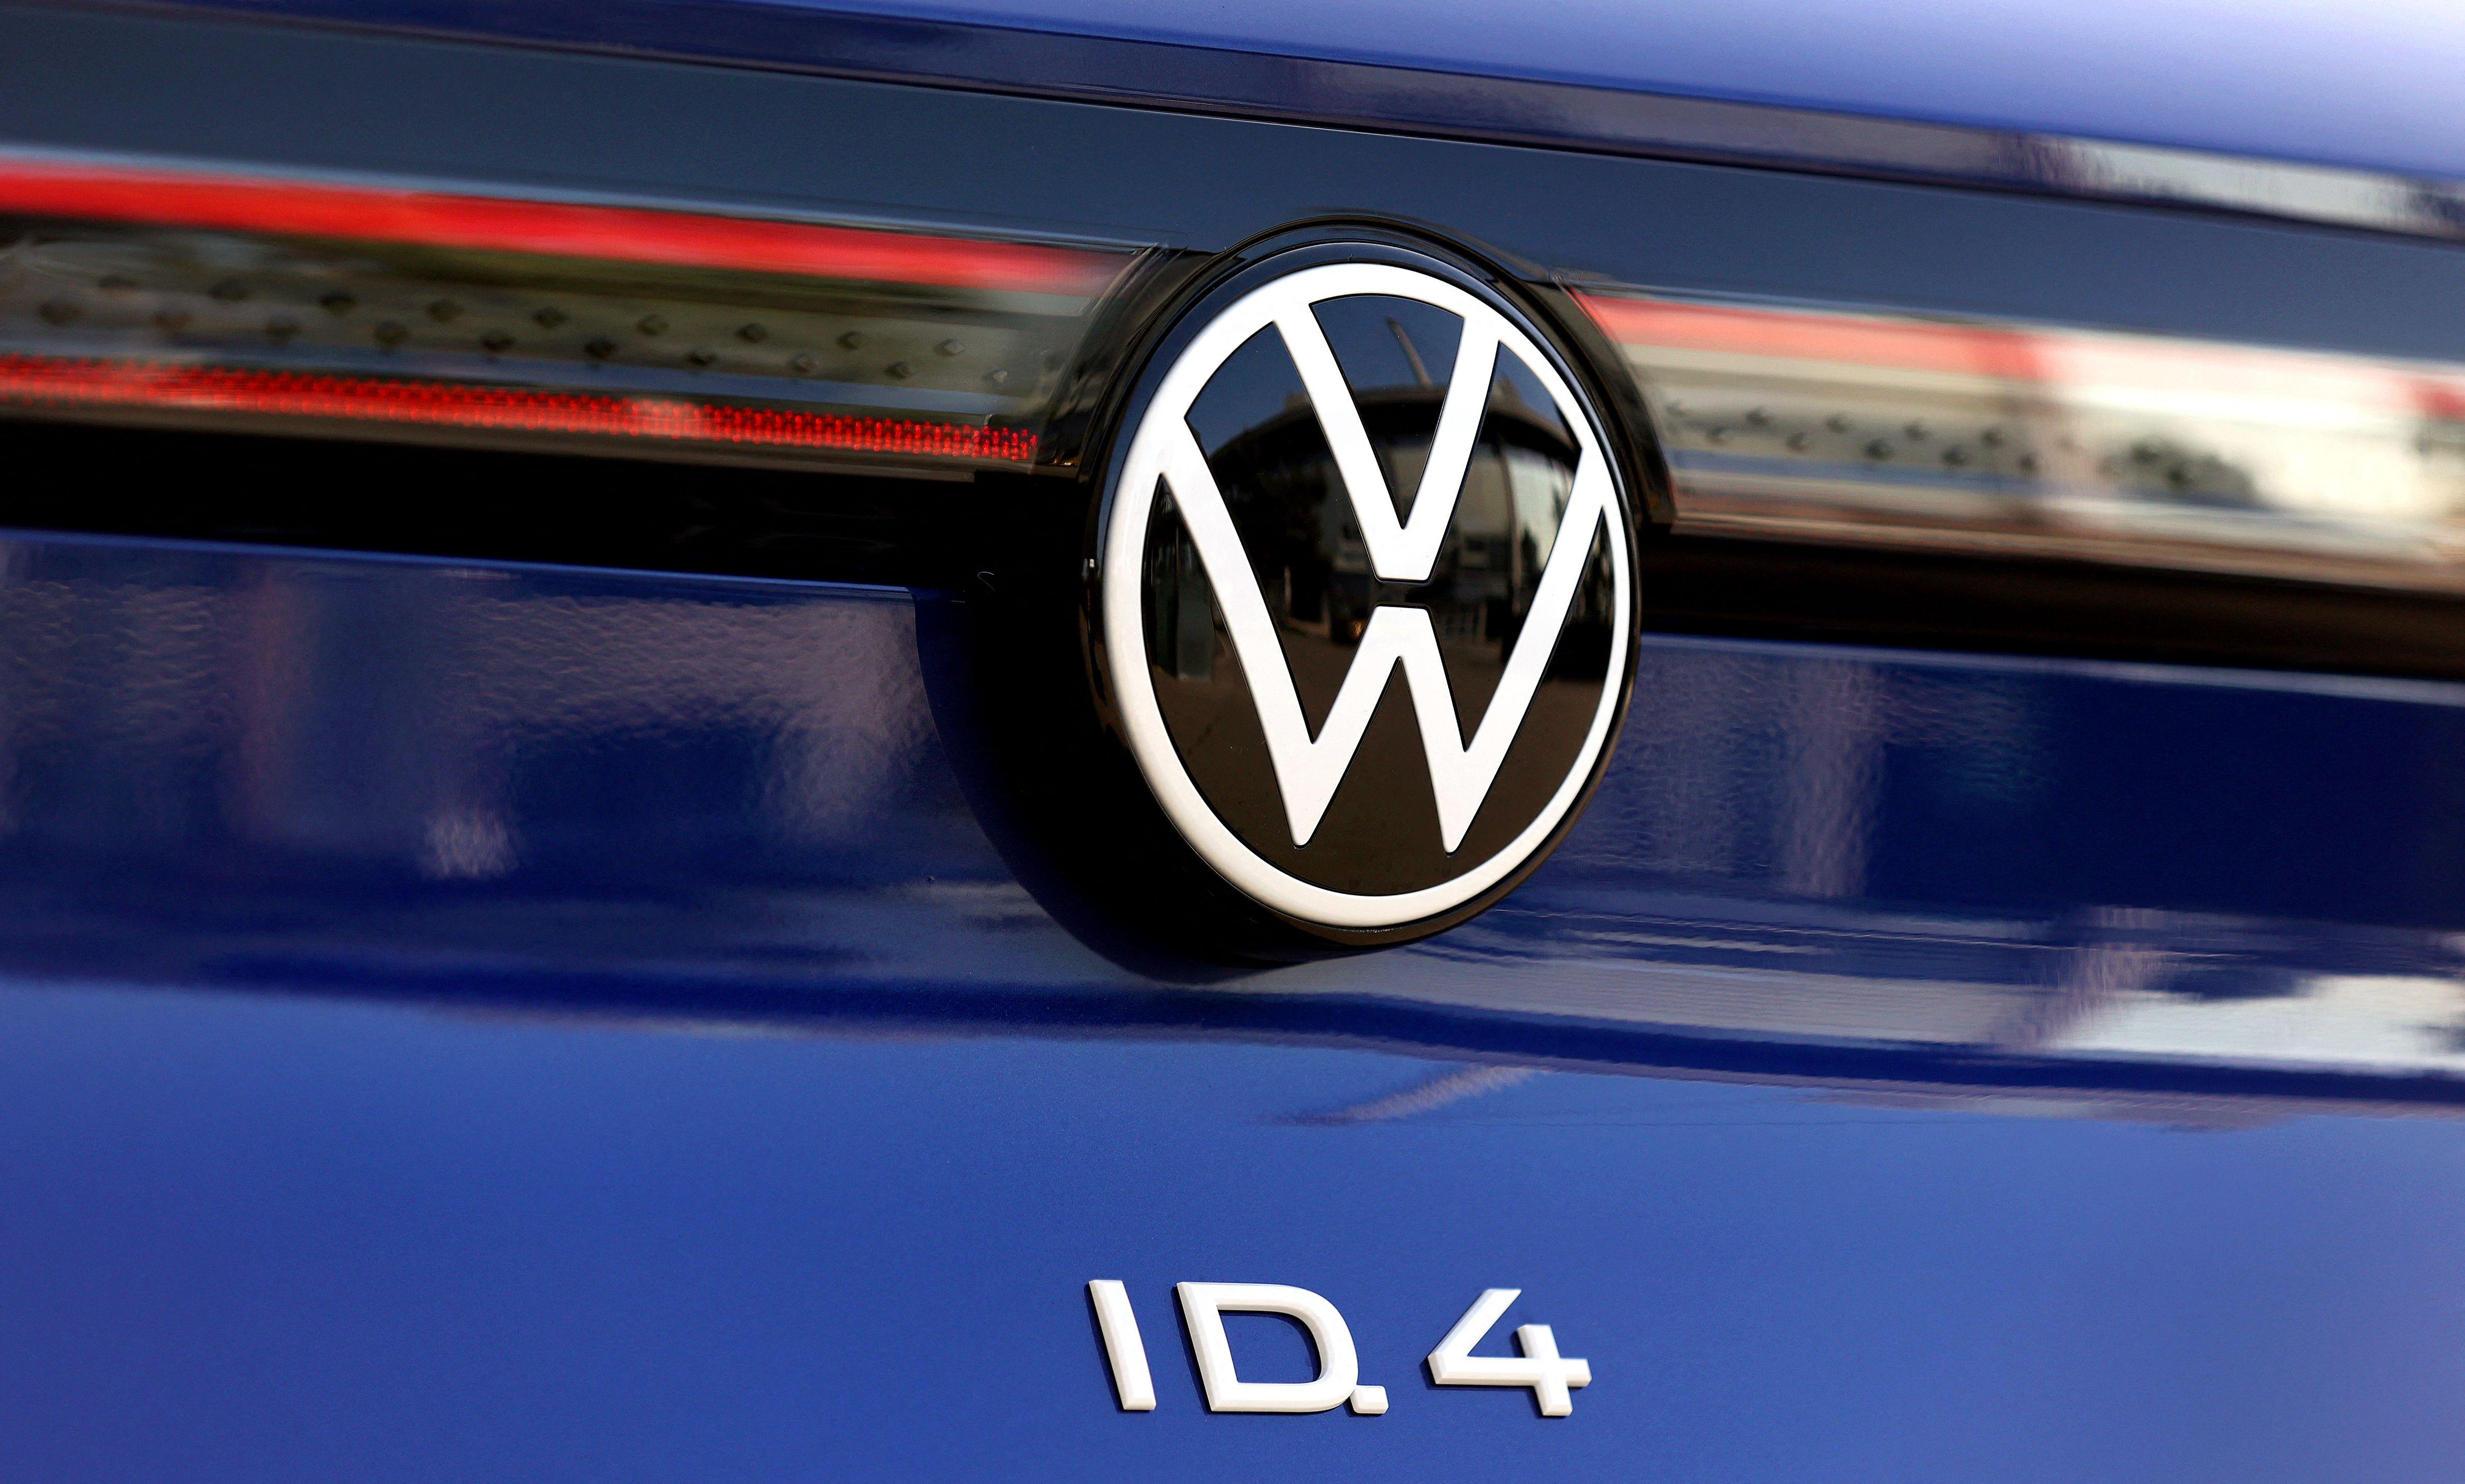 Une Volkswagen ID.4 SUV présentée à Wolfsburg, en Allemagne, le 26 mars